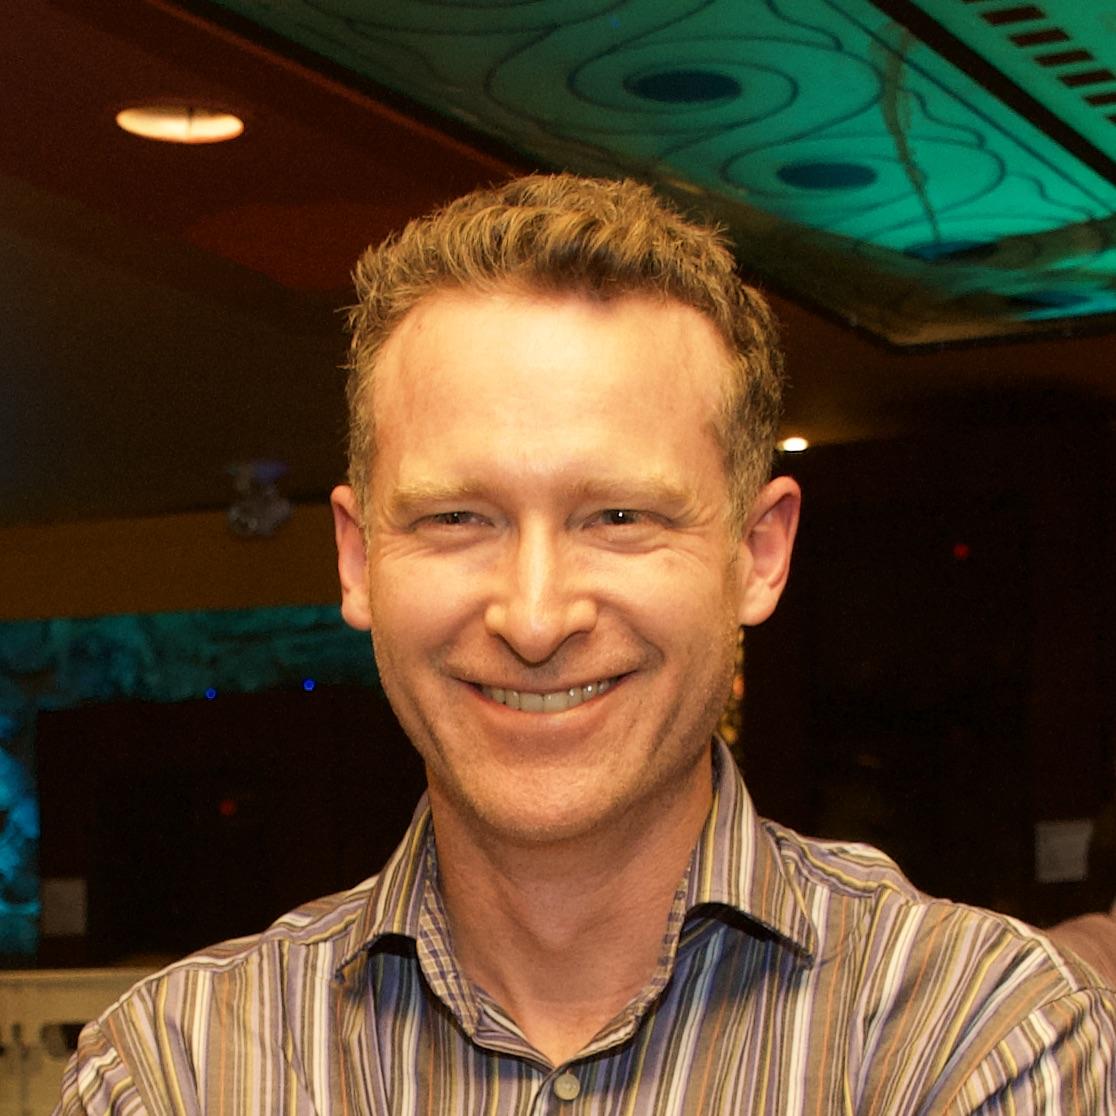 Daniel Auld